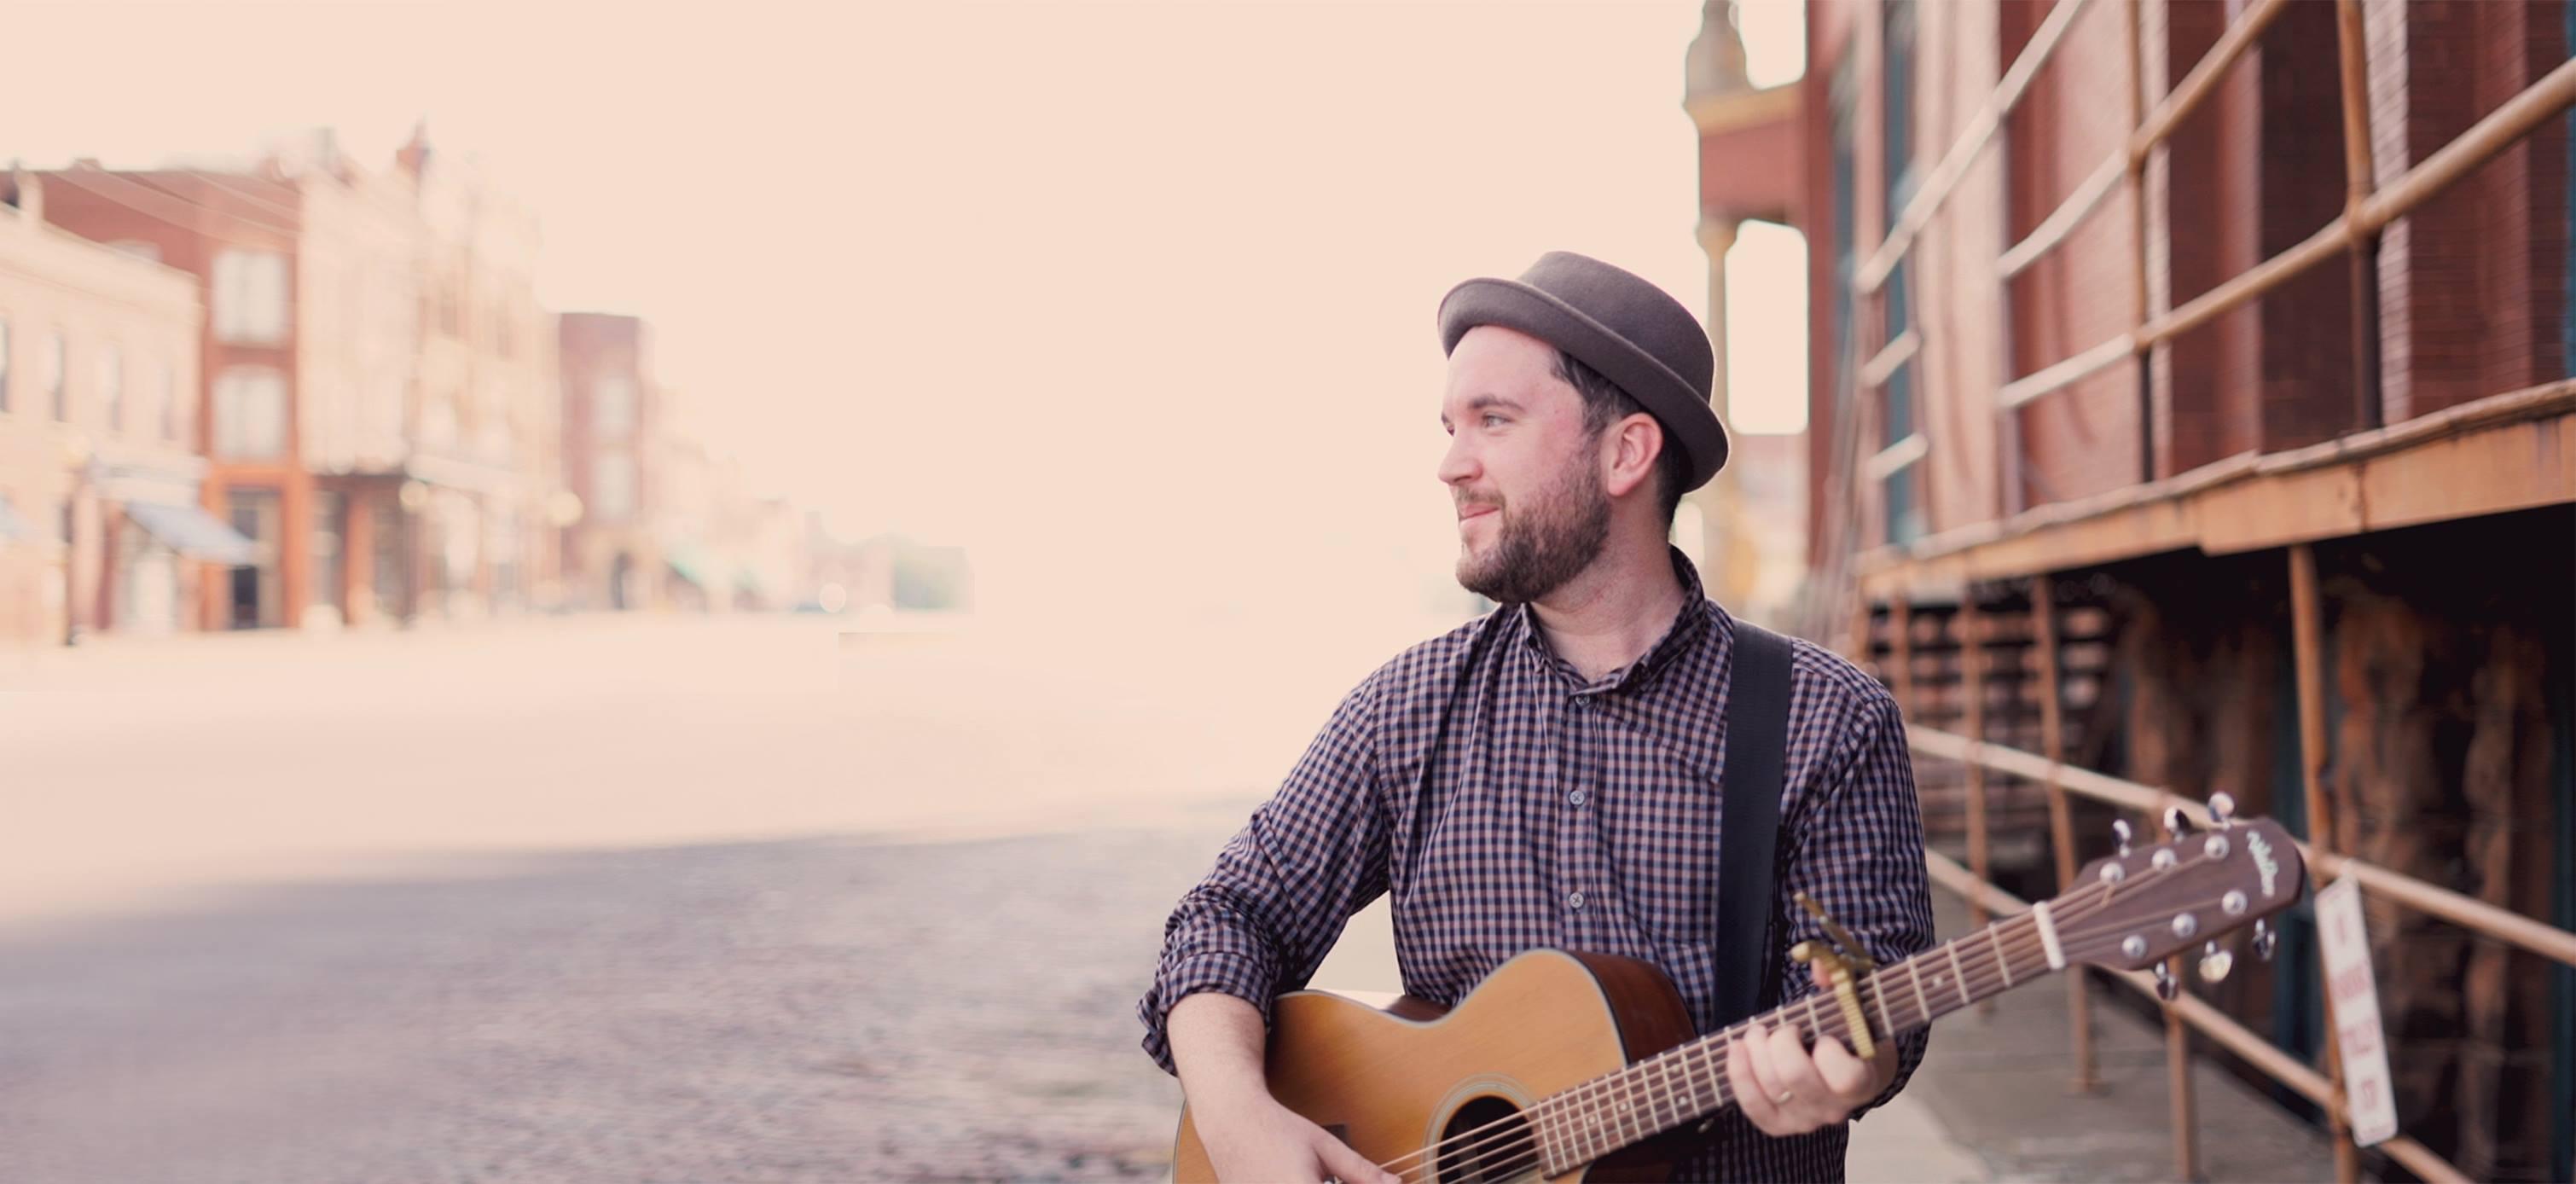 Folk Singer holding guitar.